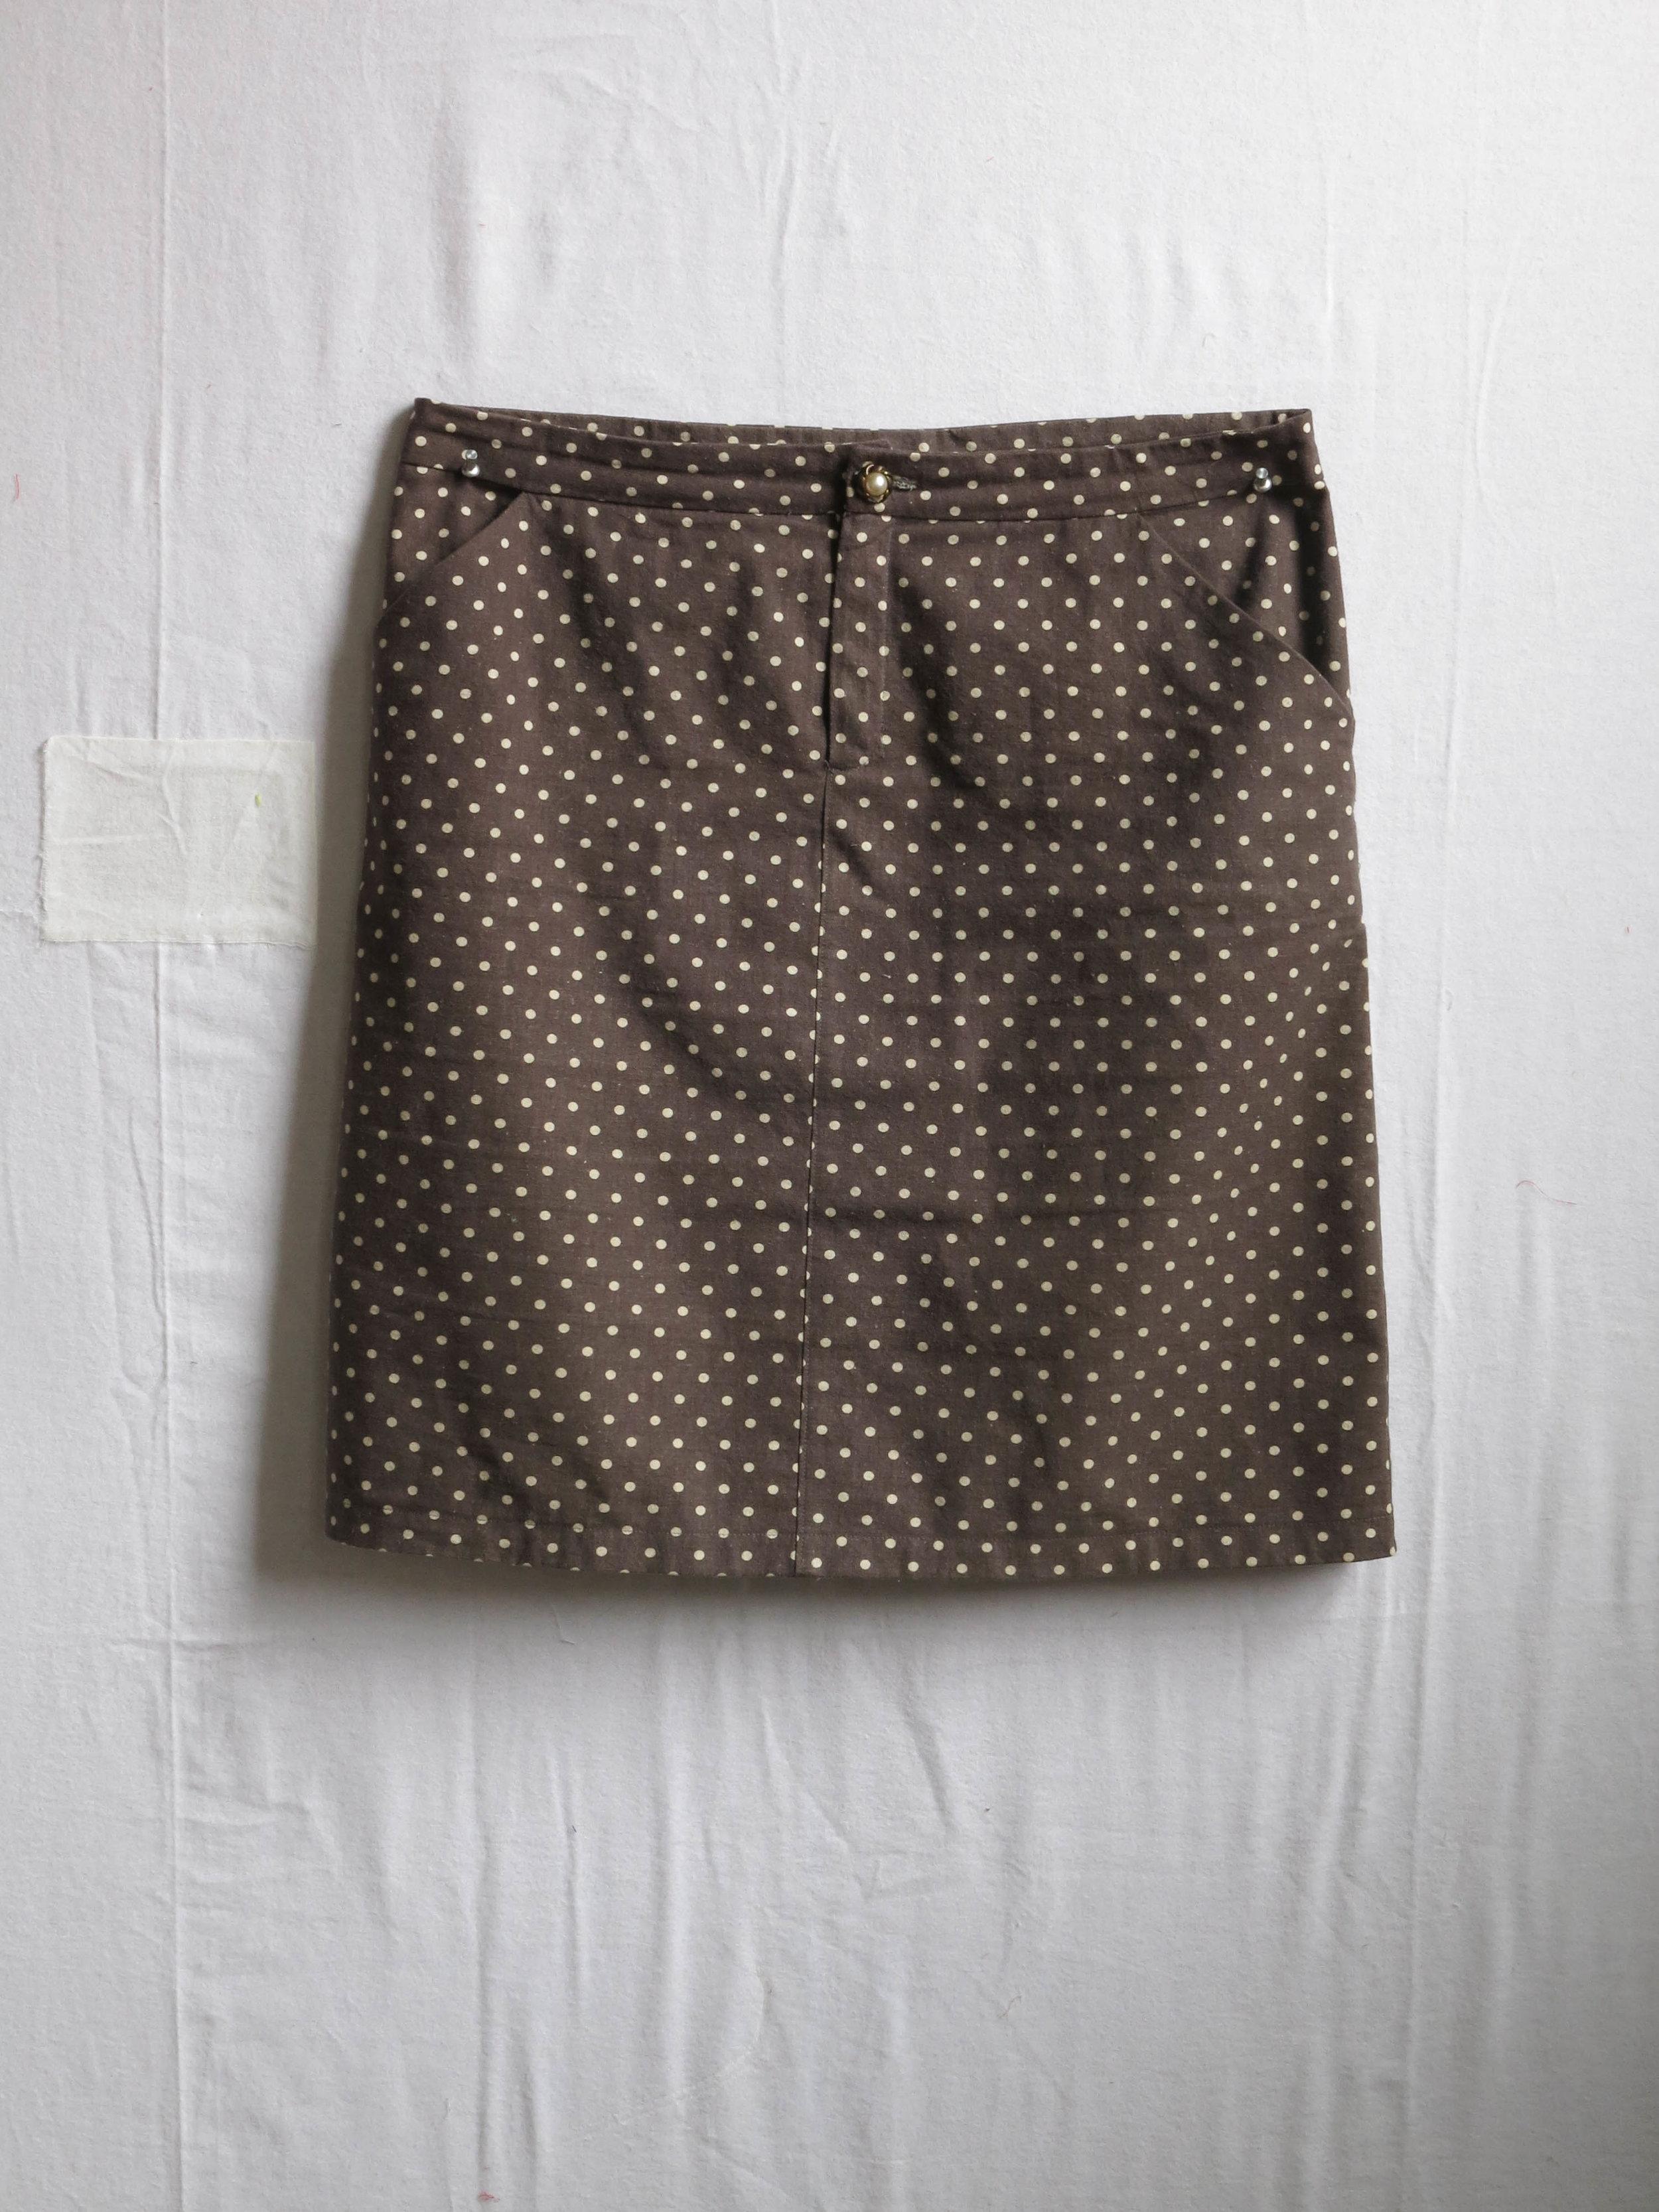 A Moss skirt, pattern by Jen Beeman of Grainline Studio, in Linen/cotton blend from....(?)